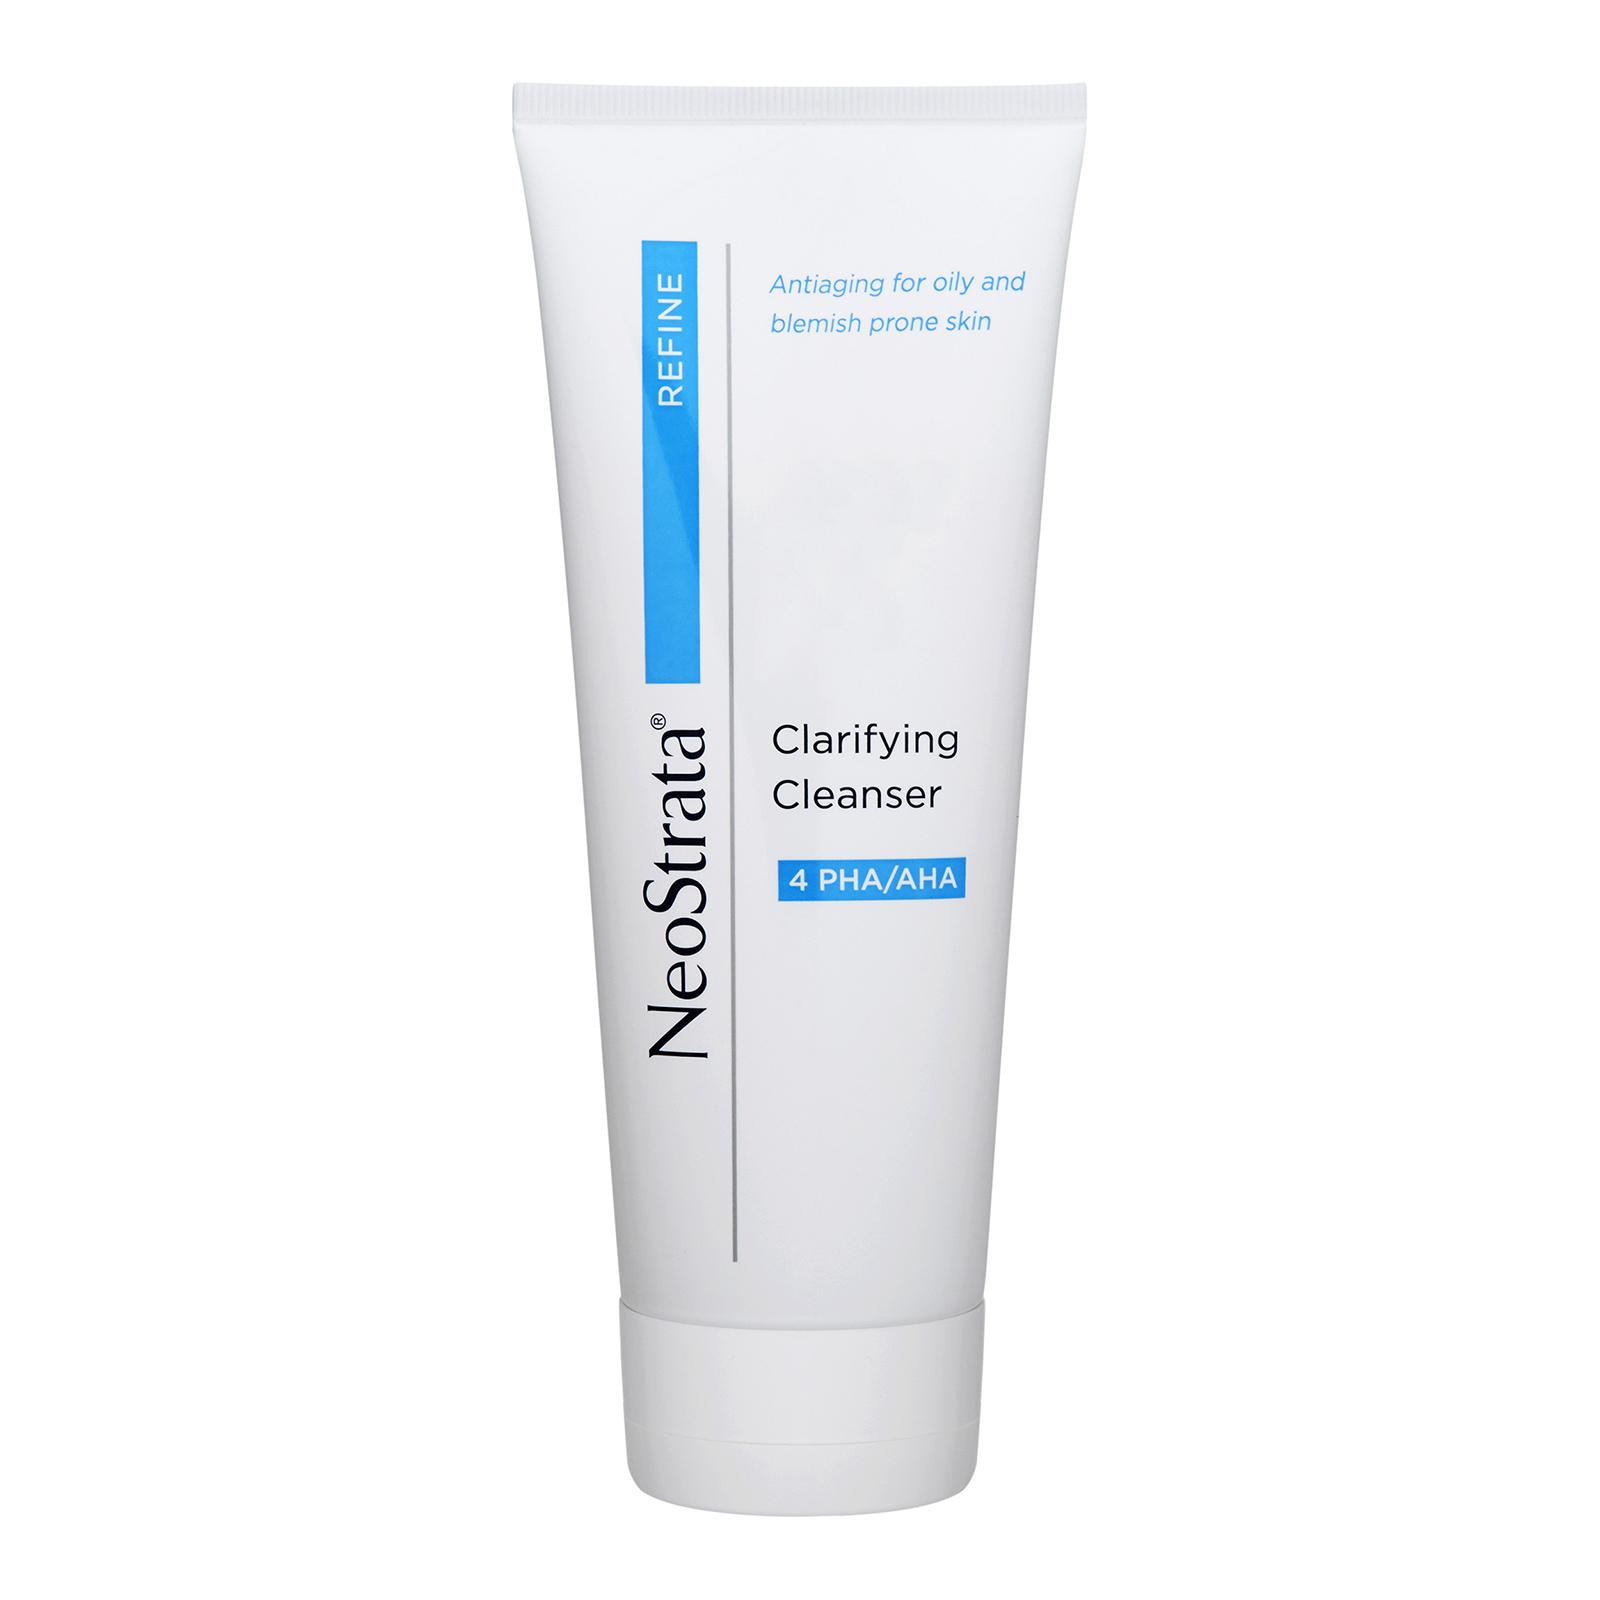 Sữa rửa mặt Neostrata Clarifying Cleanser 4 PHA / AHA